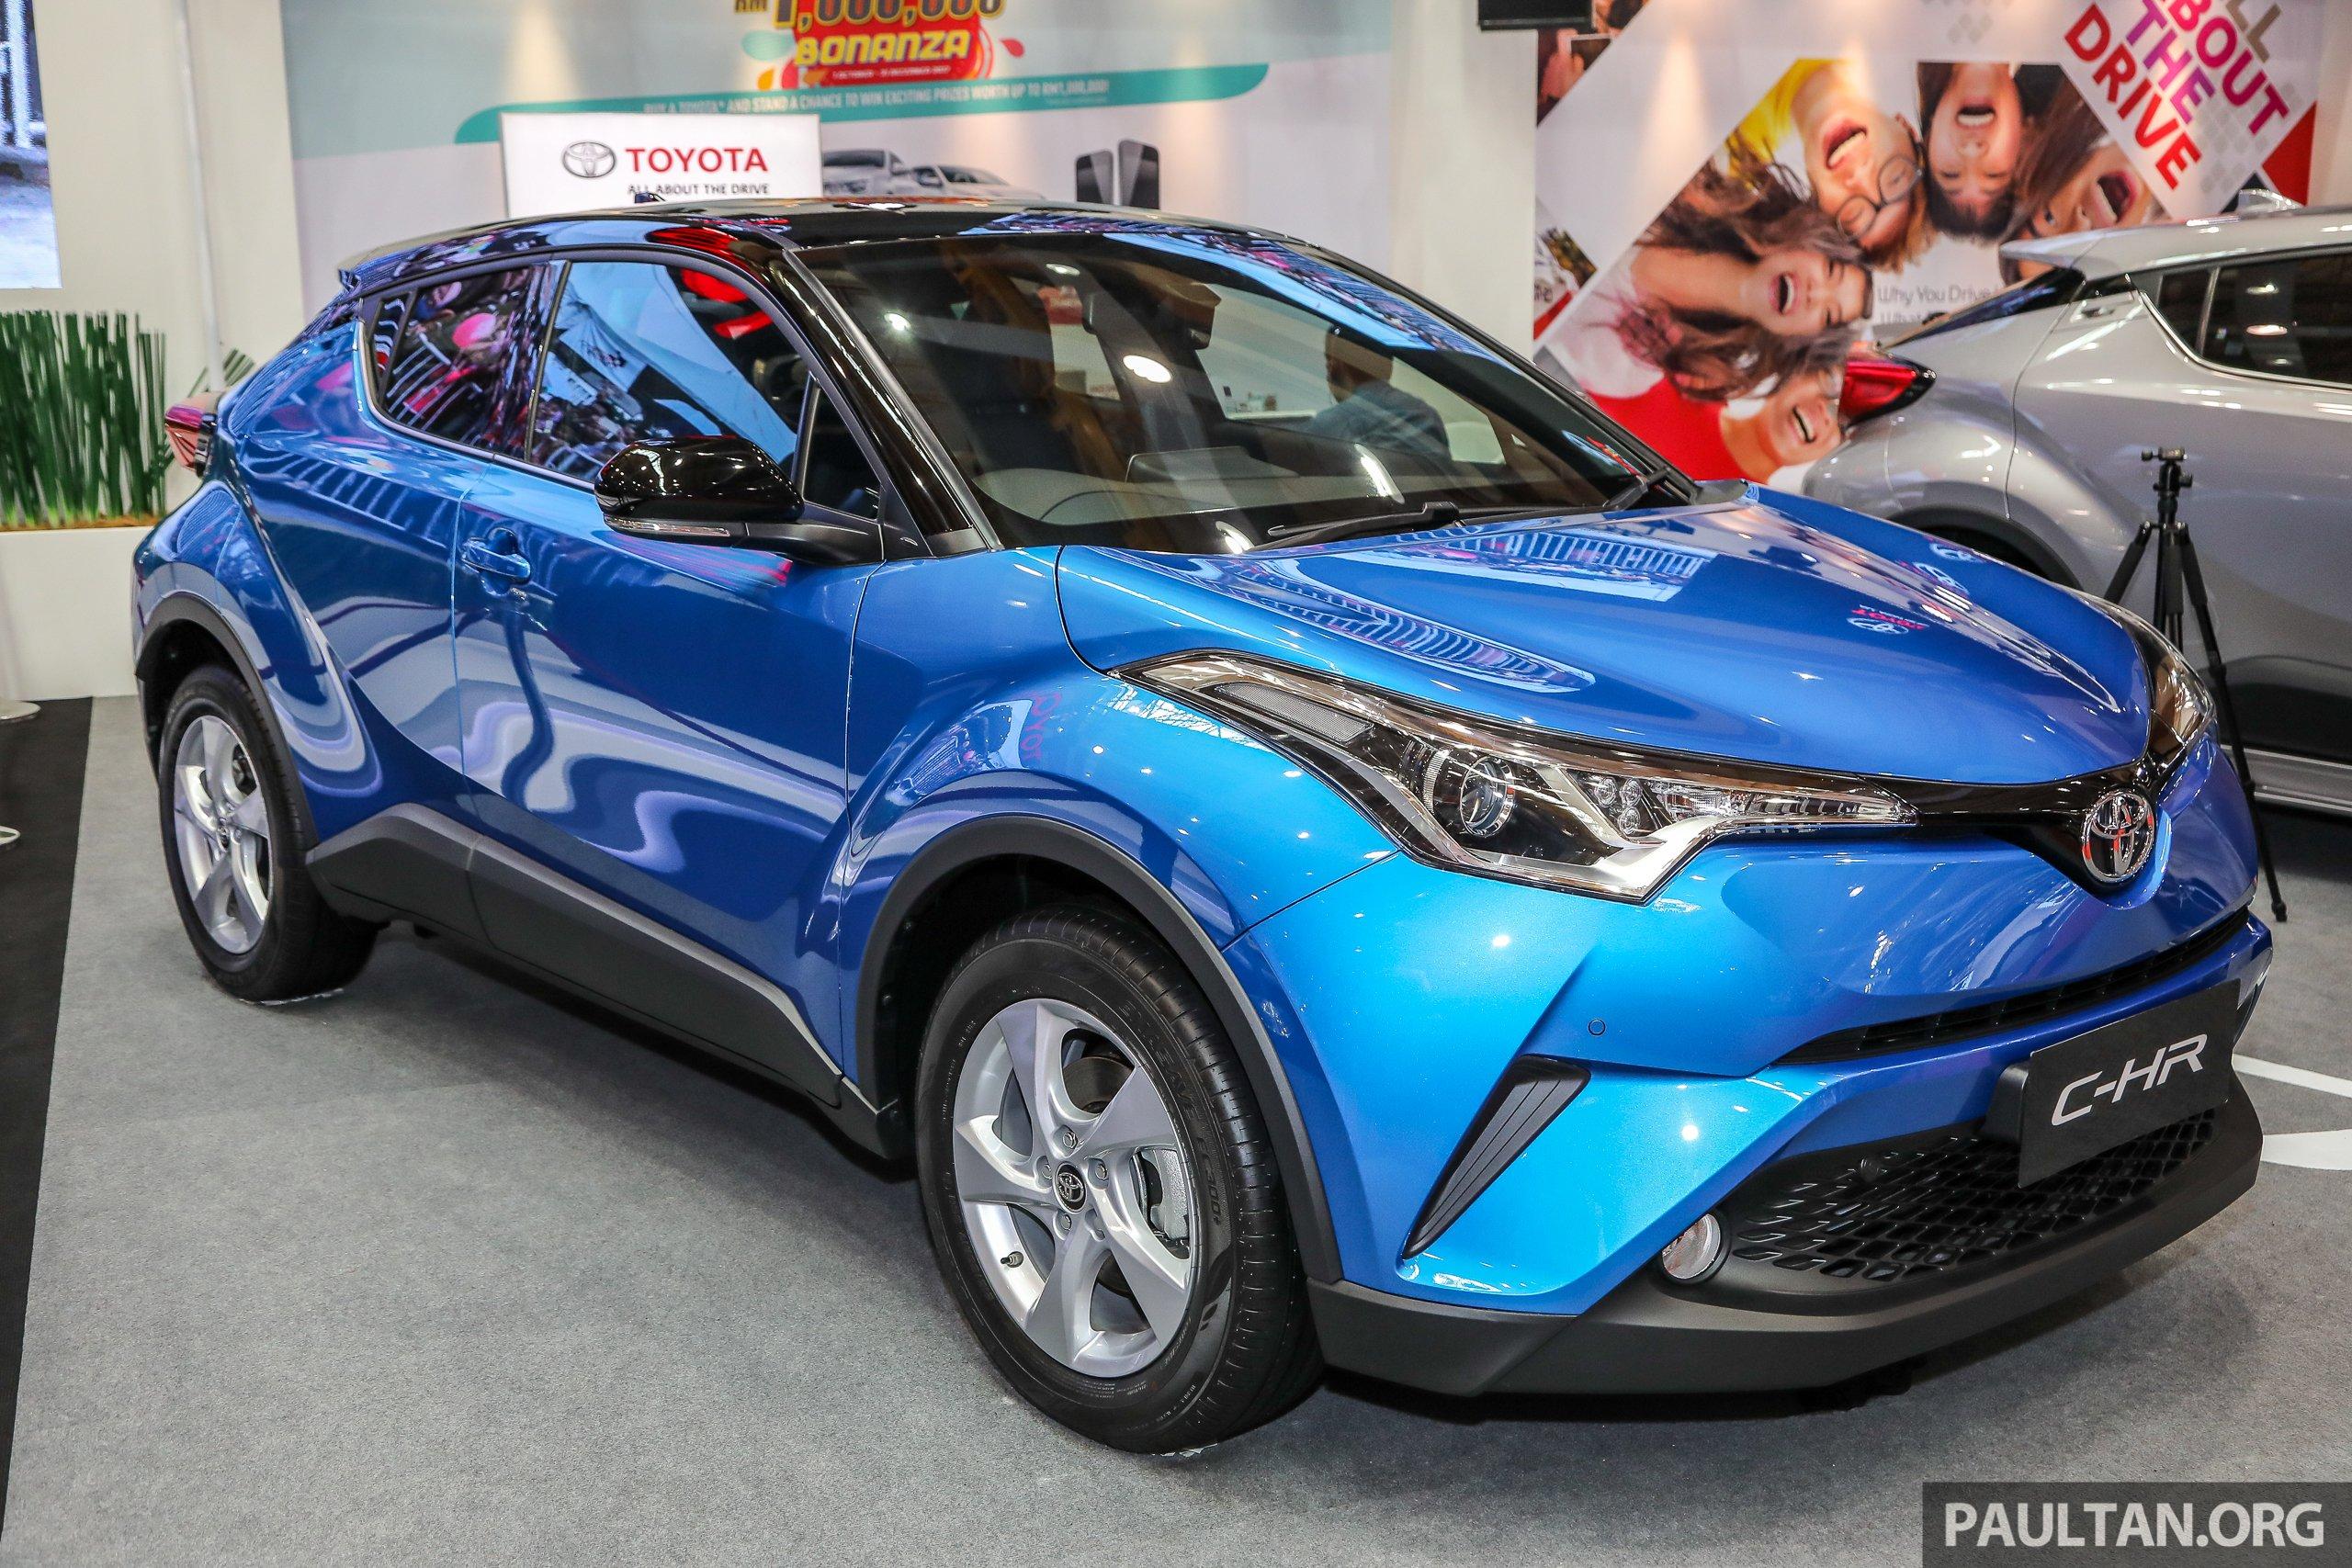 Kekurangan Harga Toyota Chr Top Model Tahun Ini